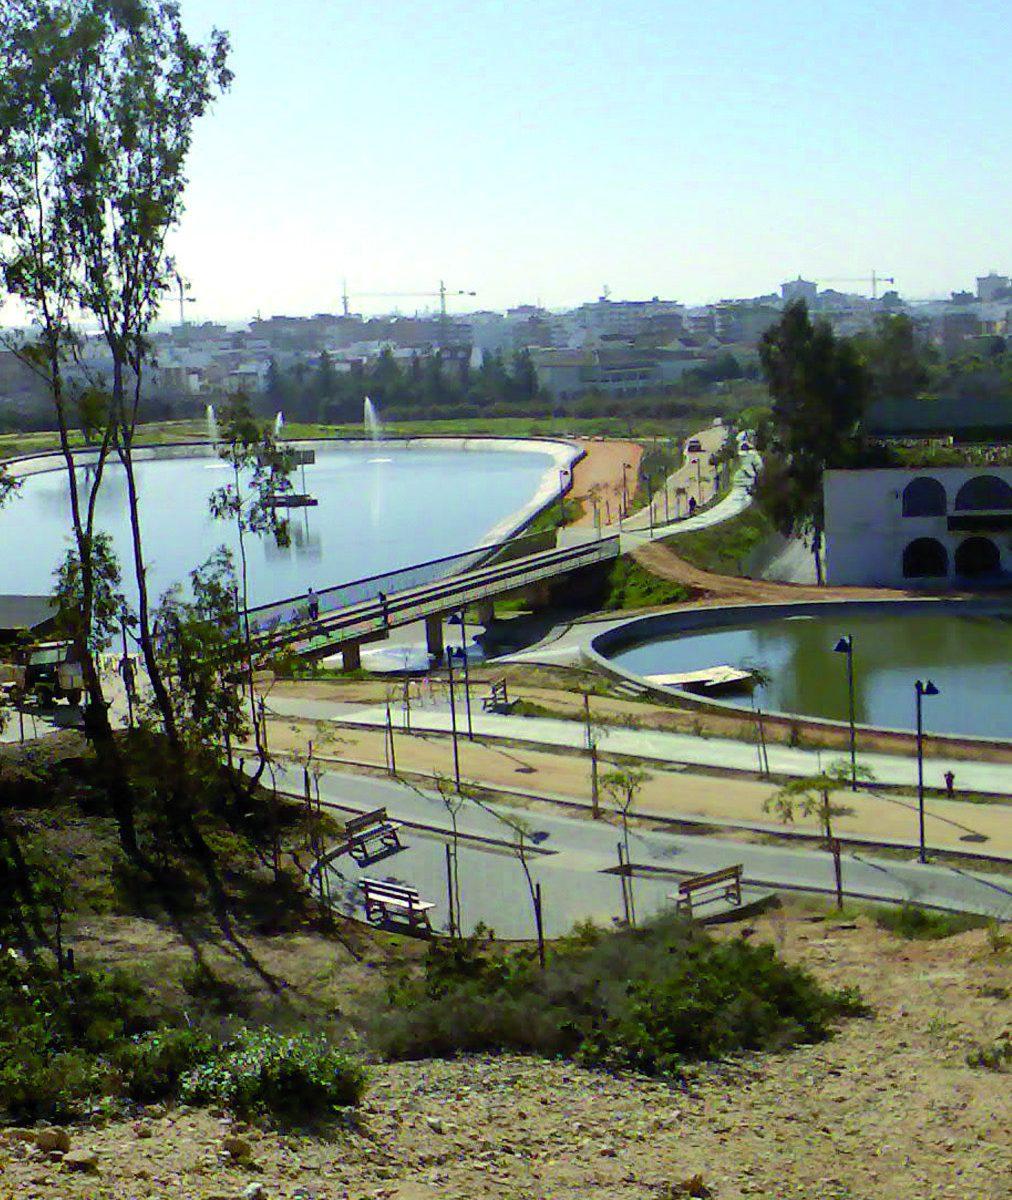 Parque Moret